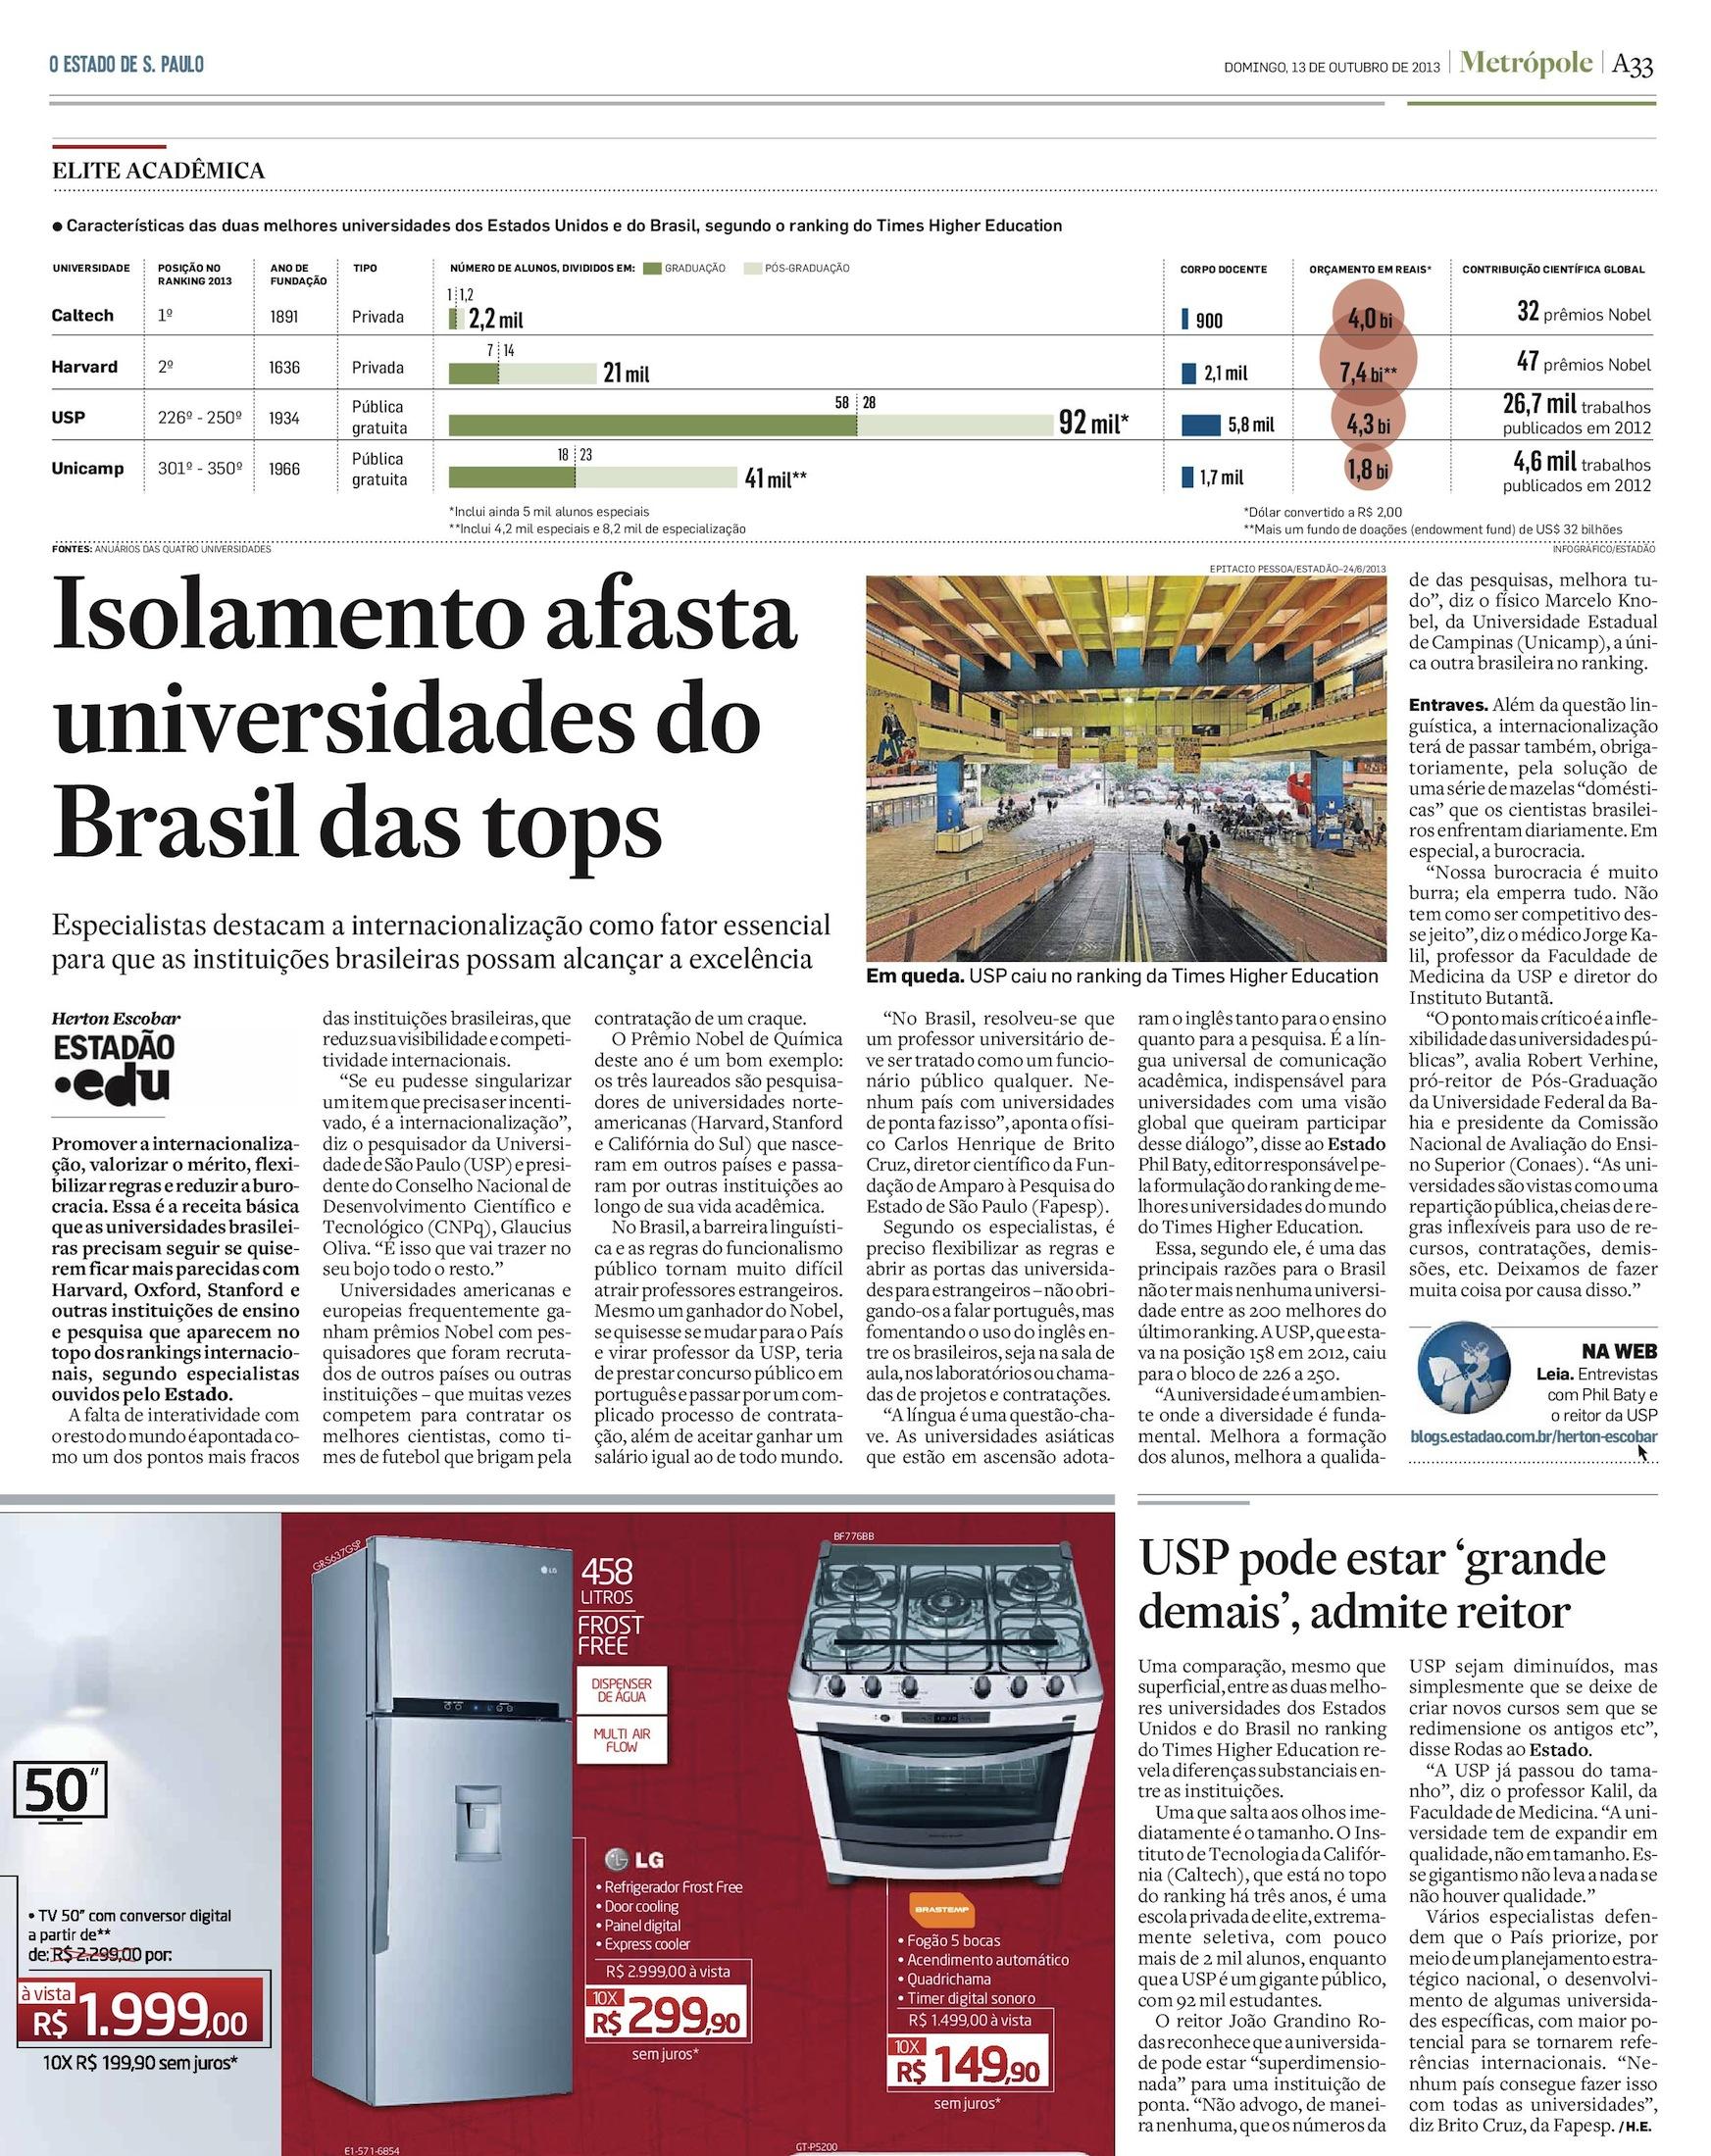 Isolamento afasta universidades brasileiras das tops mundiais